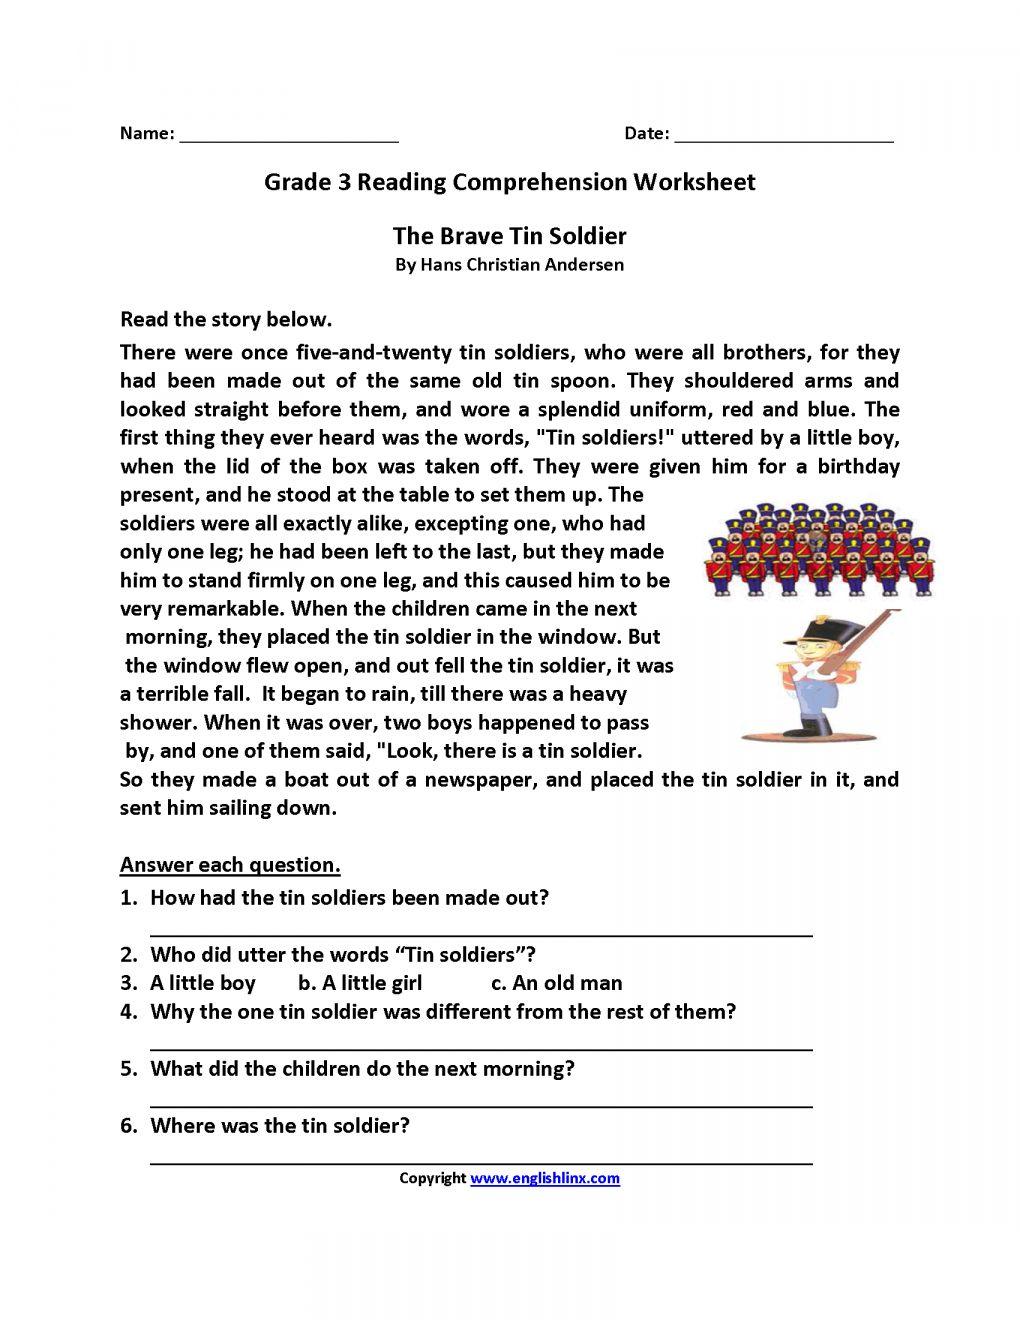 medium resolution of 8+ 3Rd Grade Reading Activities Worksheets - -  #3rdgradereadingactivitiesworksheets Check more at https://chartsheet.net/8 -3rd-grade-r…   Comprehension worksheets